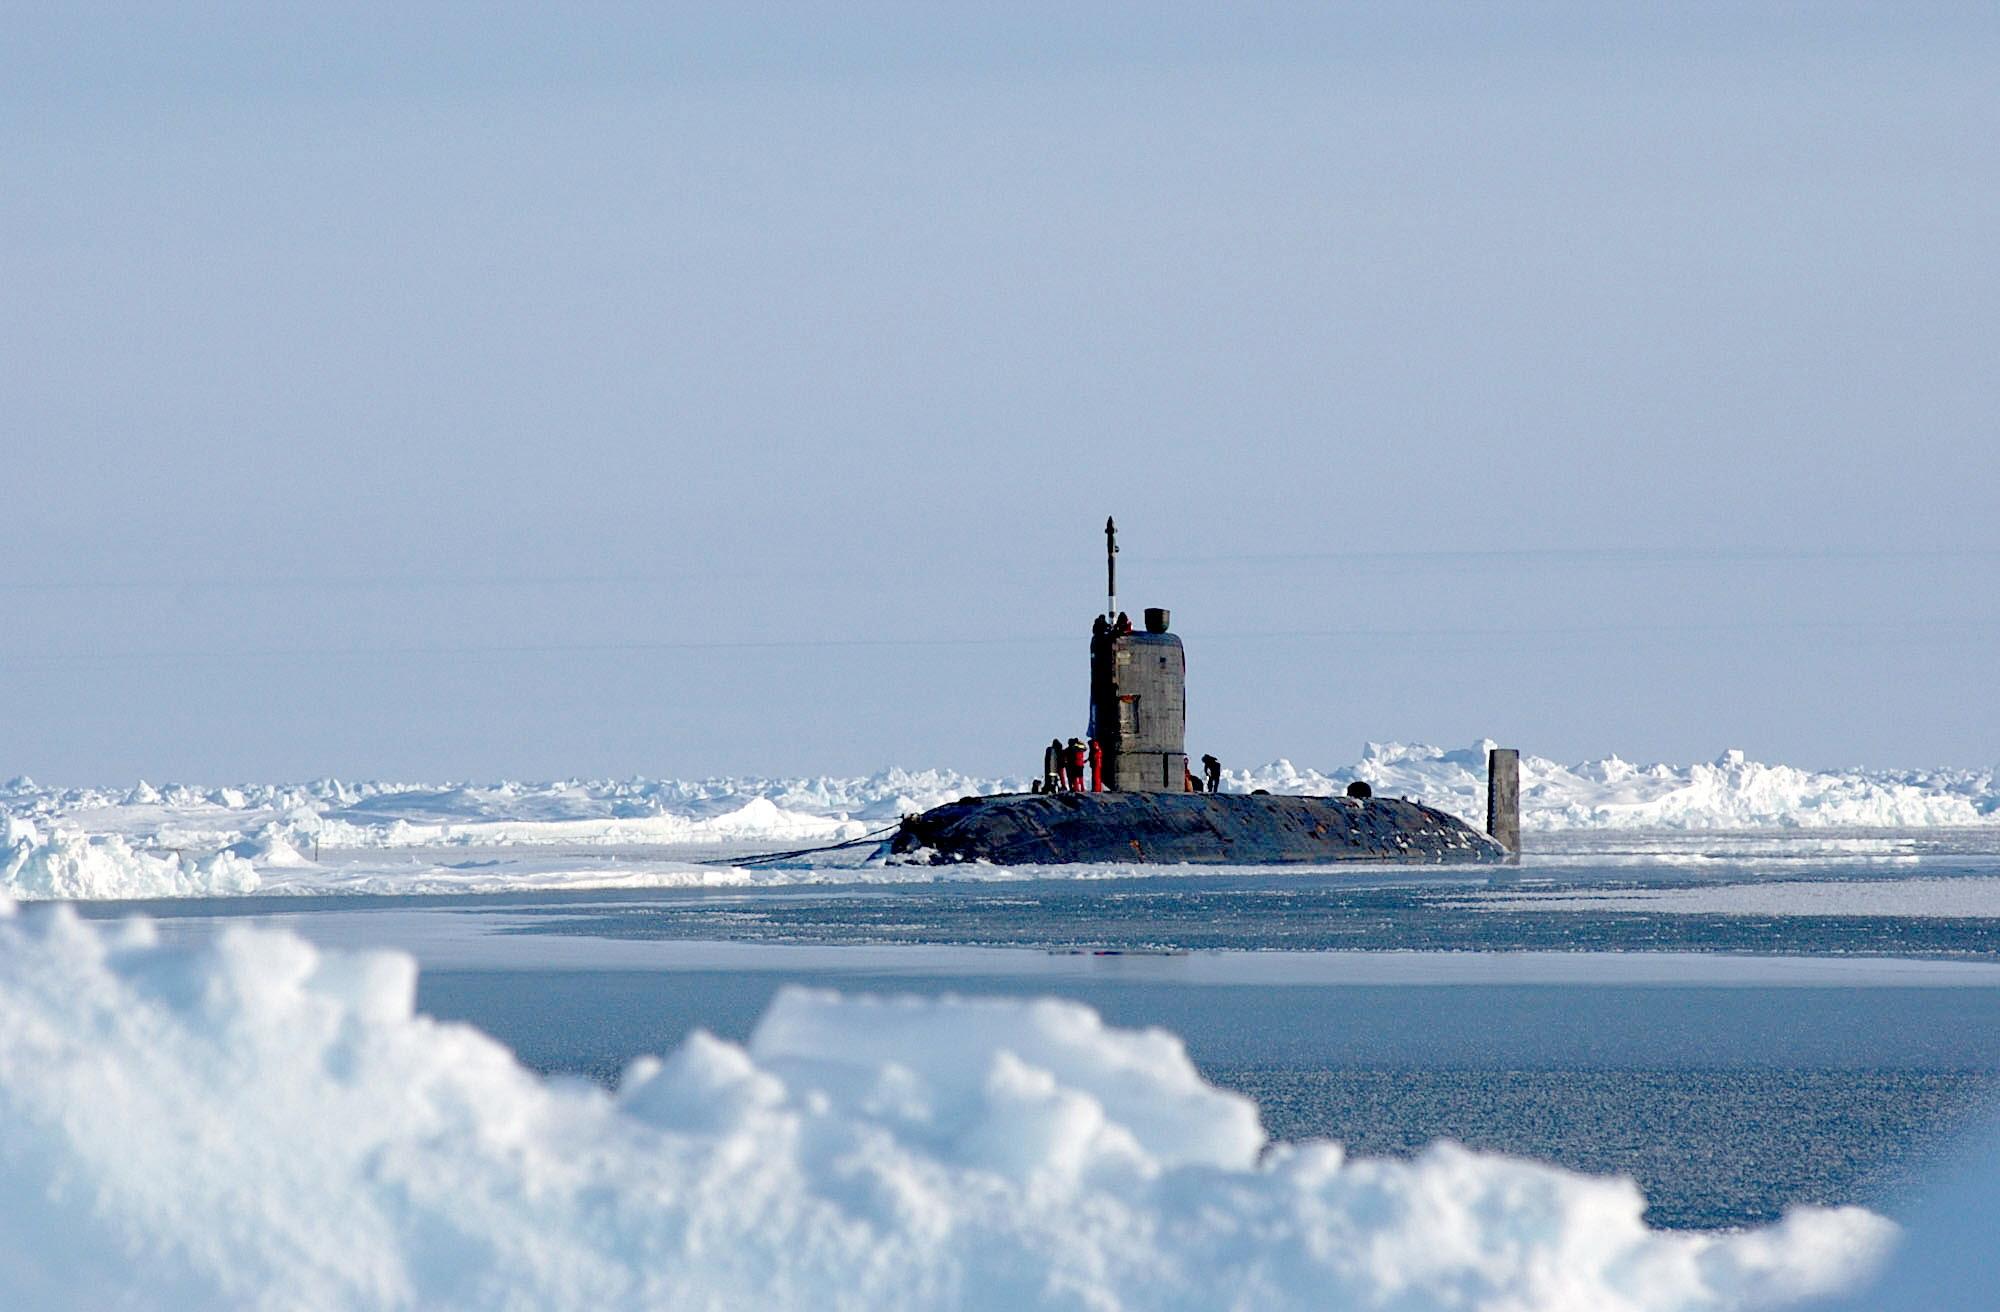 オハイオ級原子力潜水艦の画像 p1_37